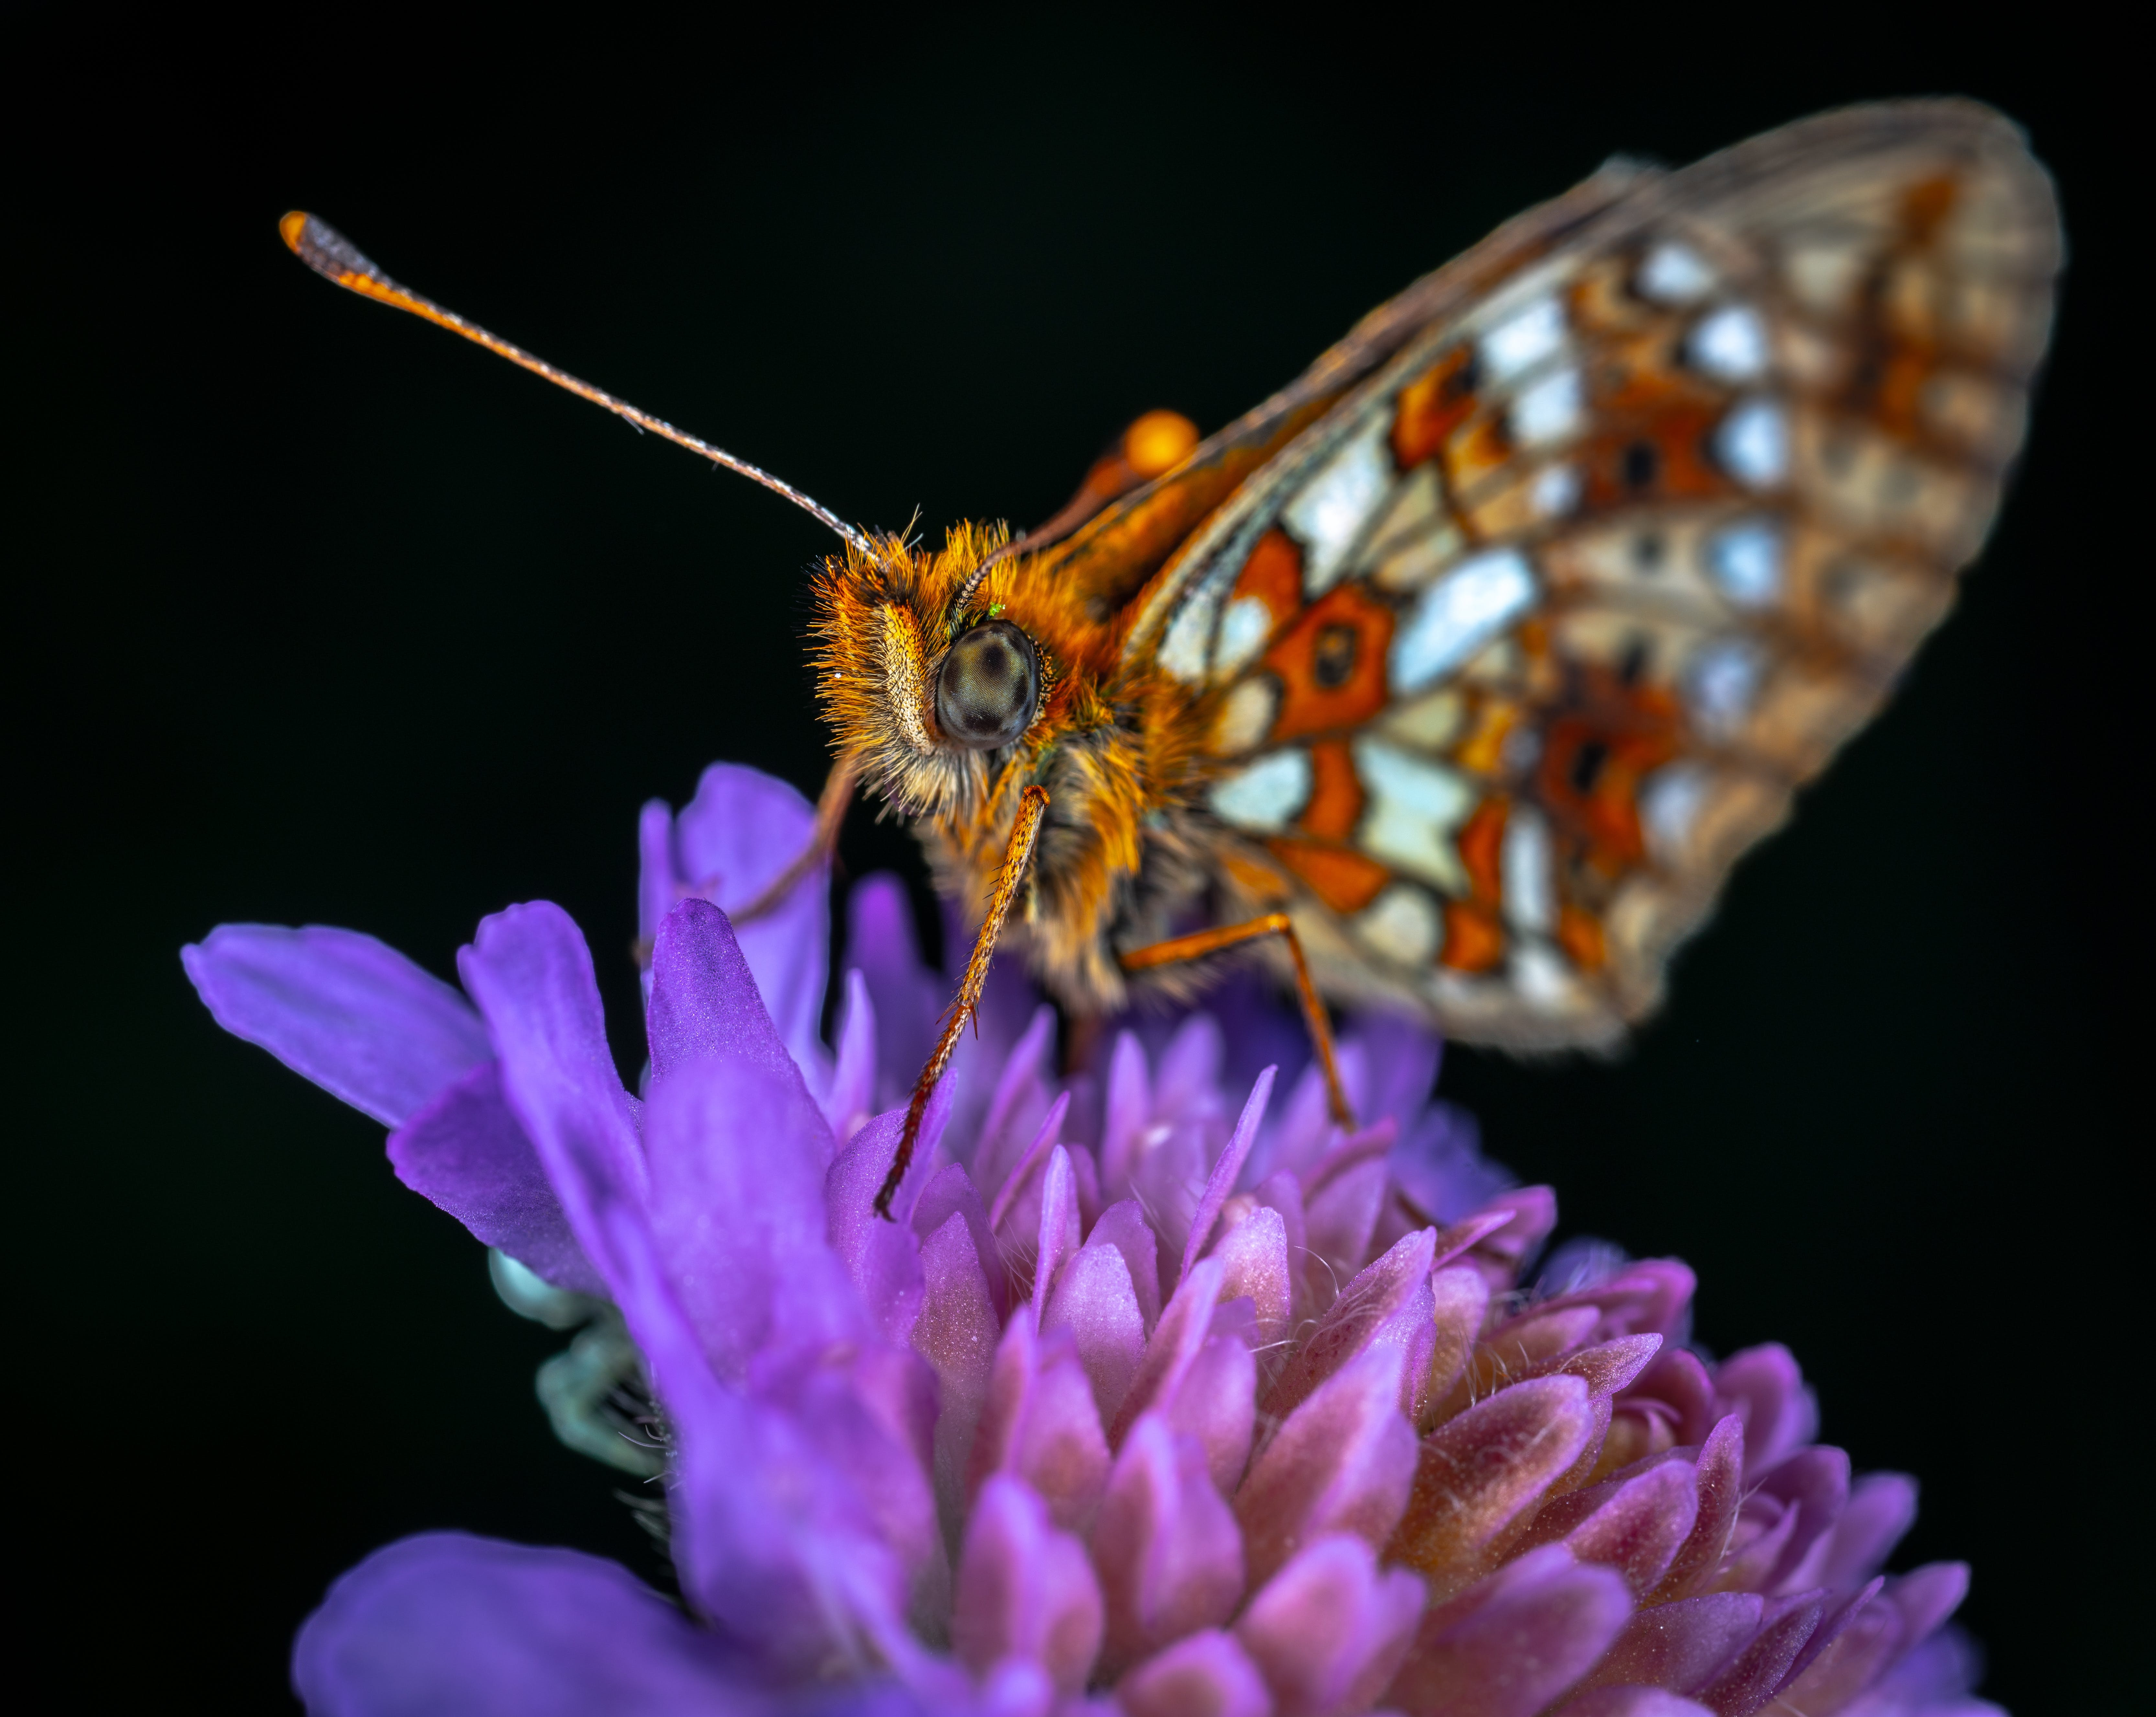 Kostenloses Stock Foto zu insekt, makro, schmetterling